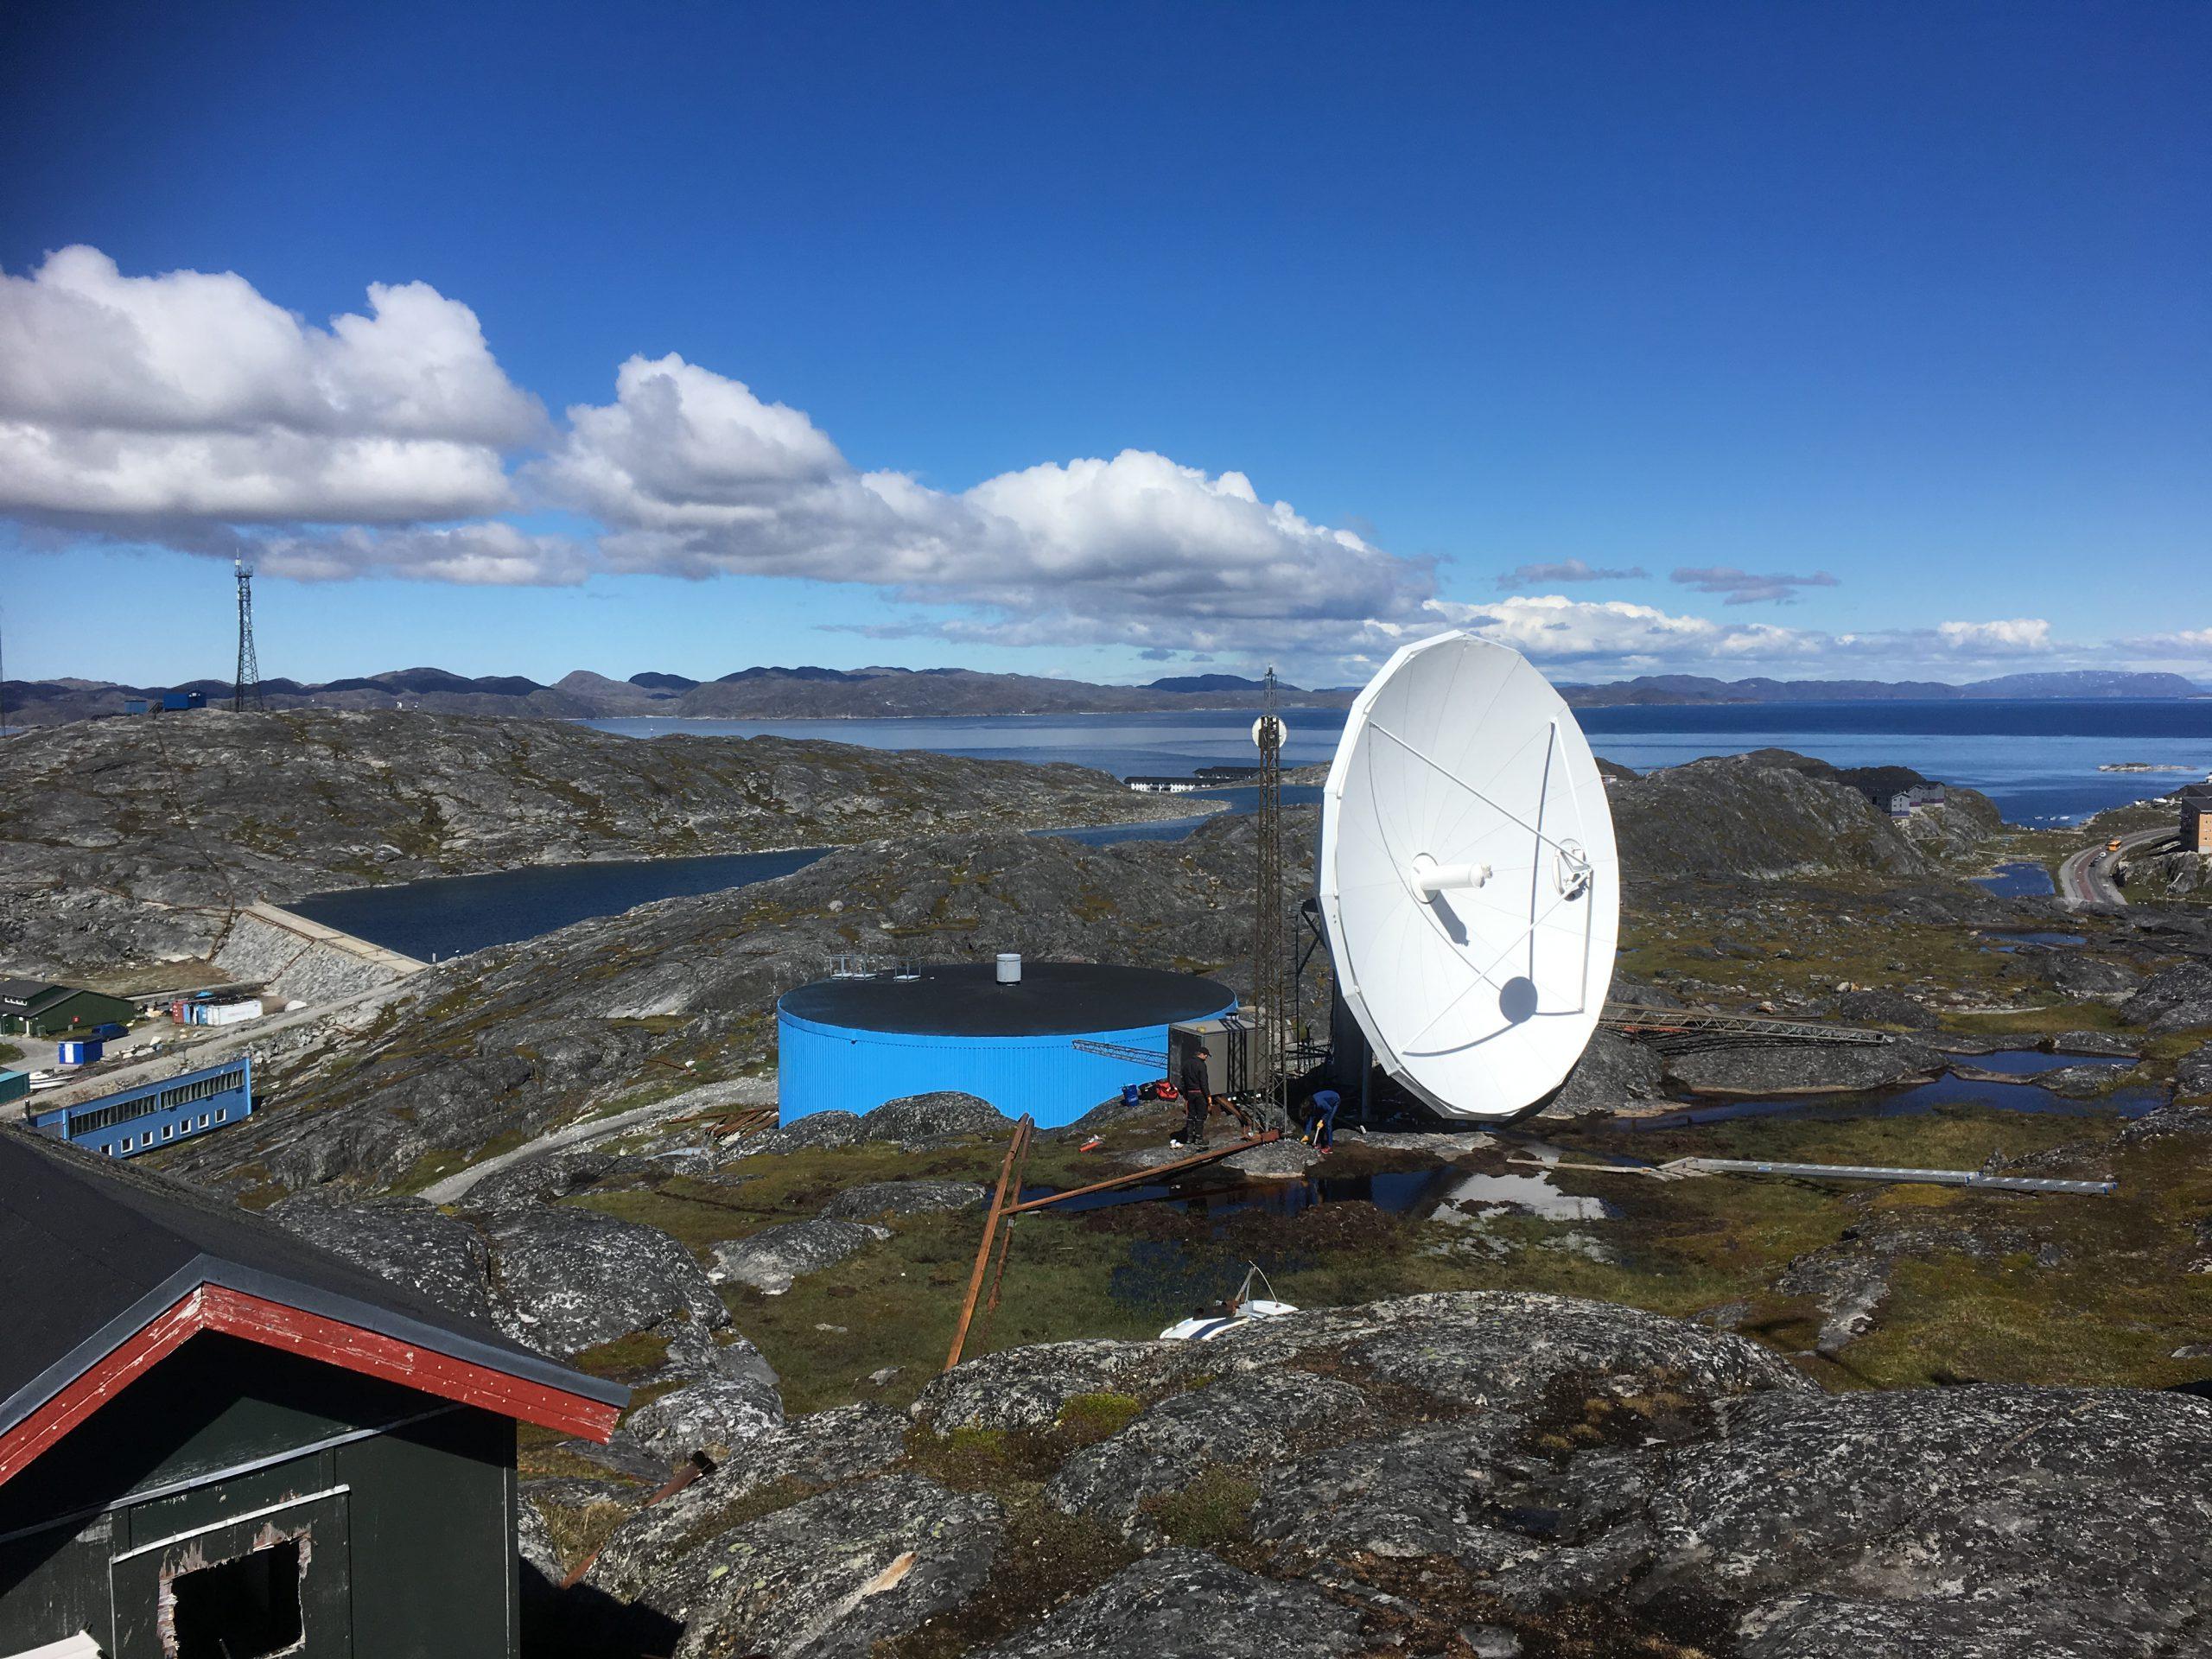 Vertex 9m antenna installed in Nuuk, Greenland